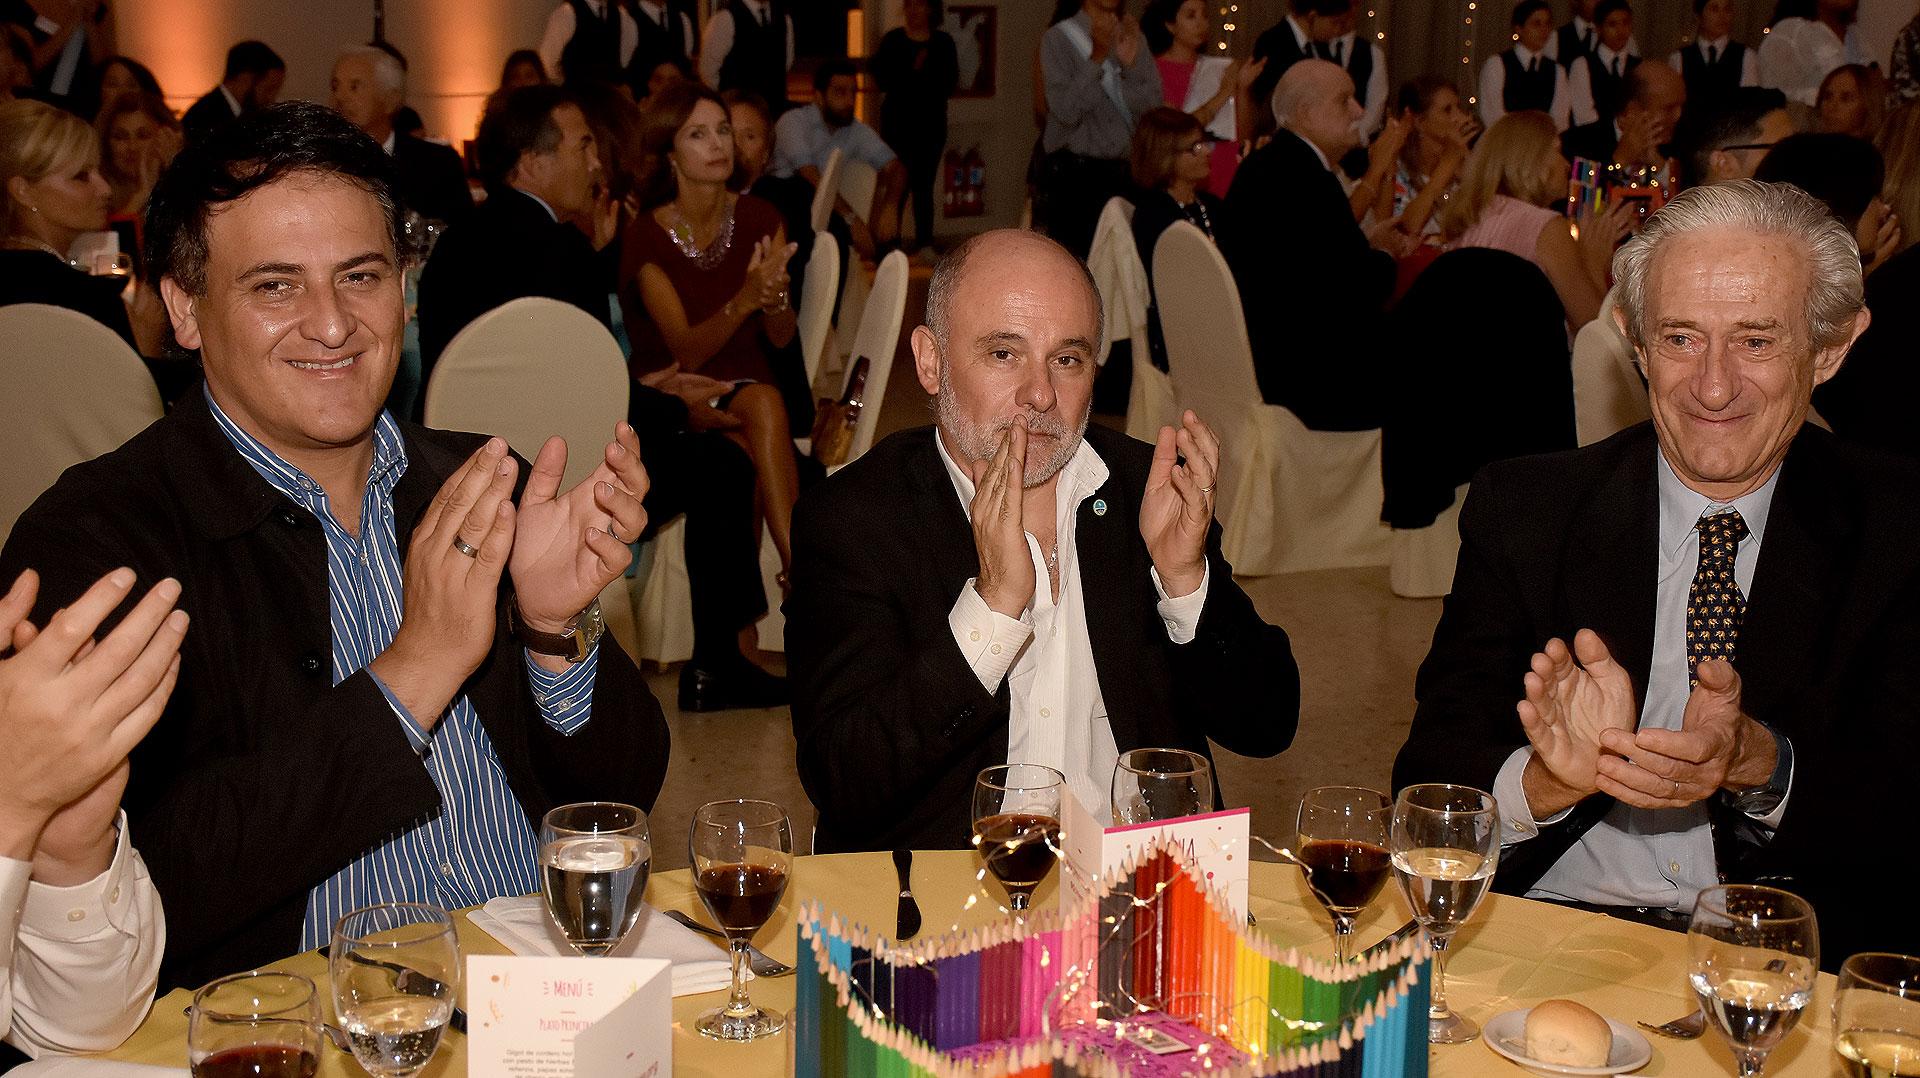 El titular de la Dirección General de Escuelas, Jaime Correas (centro) junto a Juan José Llach, miembro del Consejo Académico de Cimientos